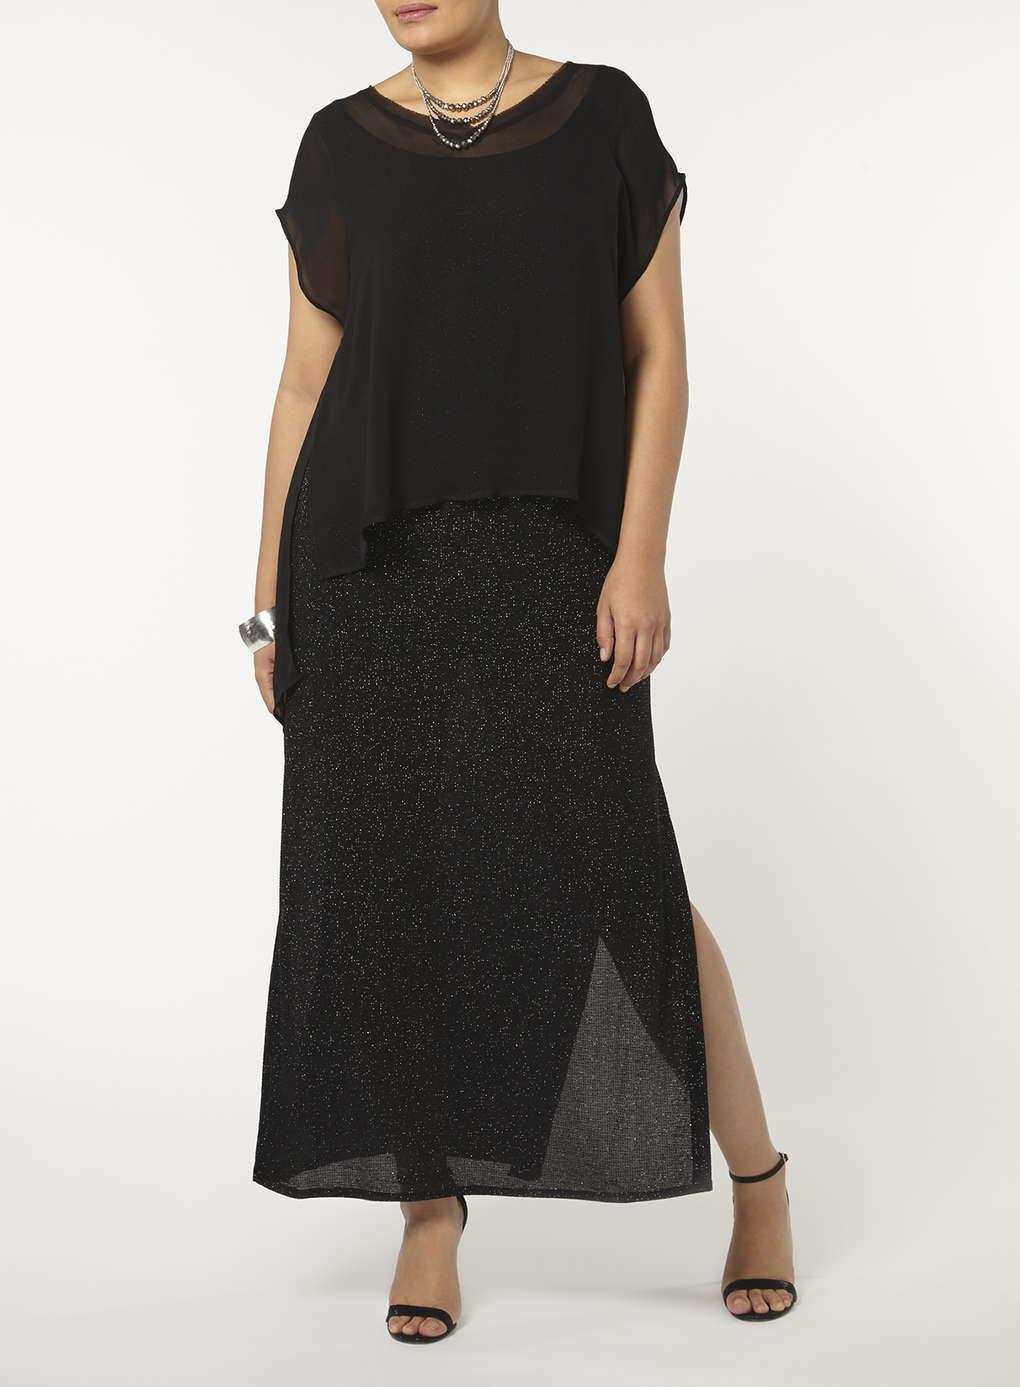 Büyük Beden Uzun Abiye Elbise Modelleri - Gece Elbiseleri - plus size dresses (6)